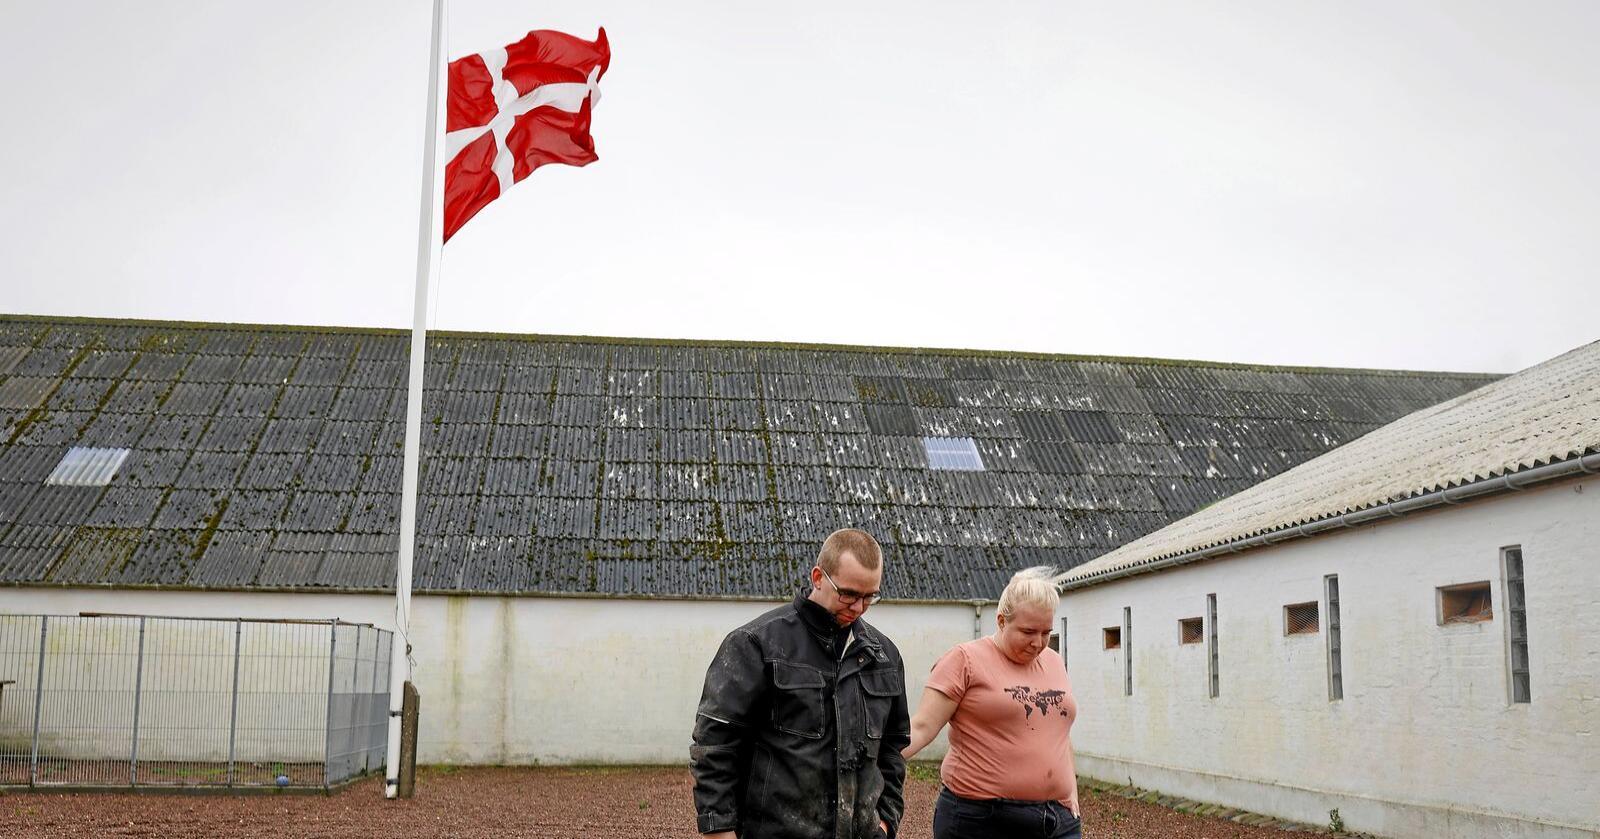 Peter and Trine Brinkmann Nielsen flagget på halv stand etter masseavlivingen av mink i vårt naboland i sør. Foto: Claus Bjoern Larsen/Ritzau/AP/NTB